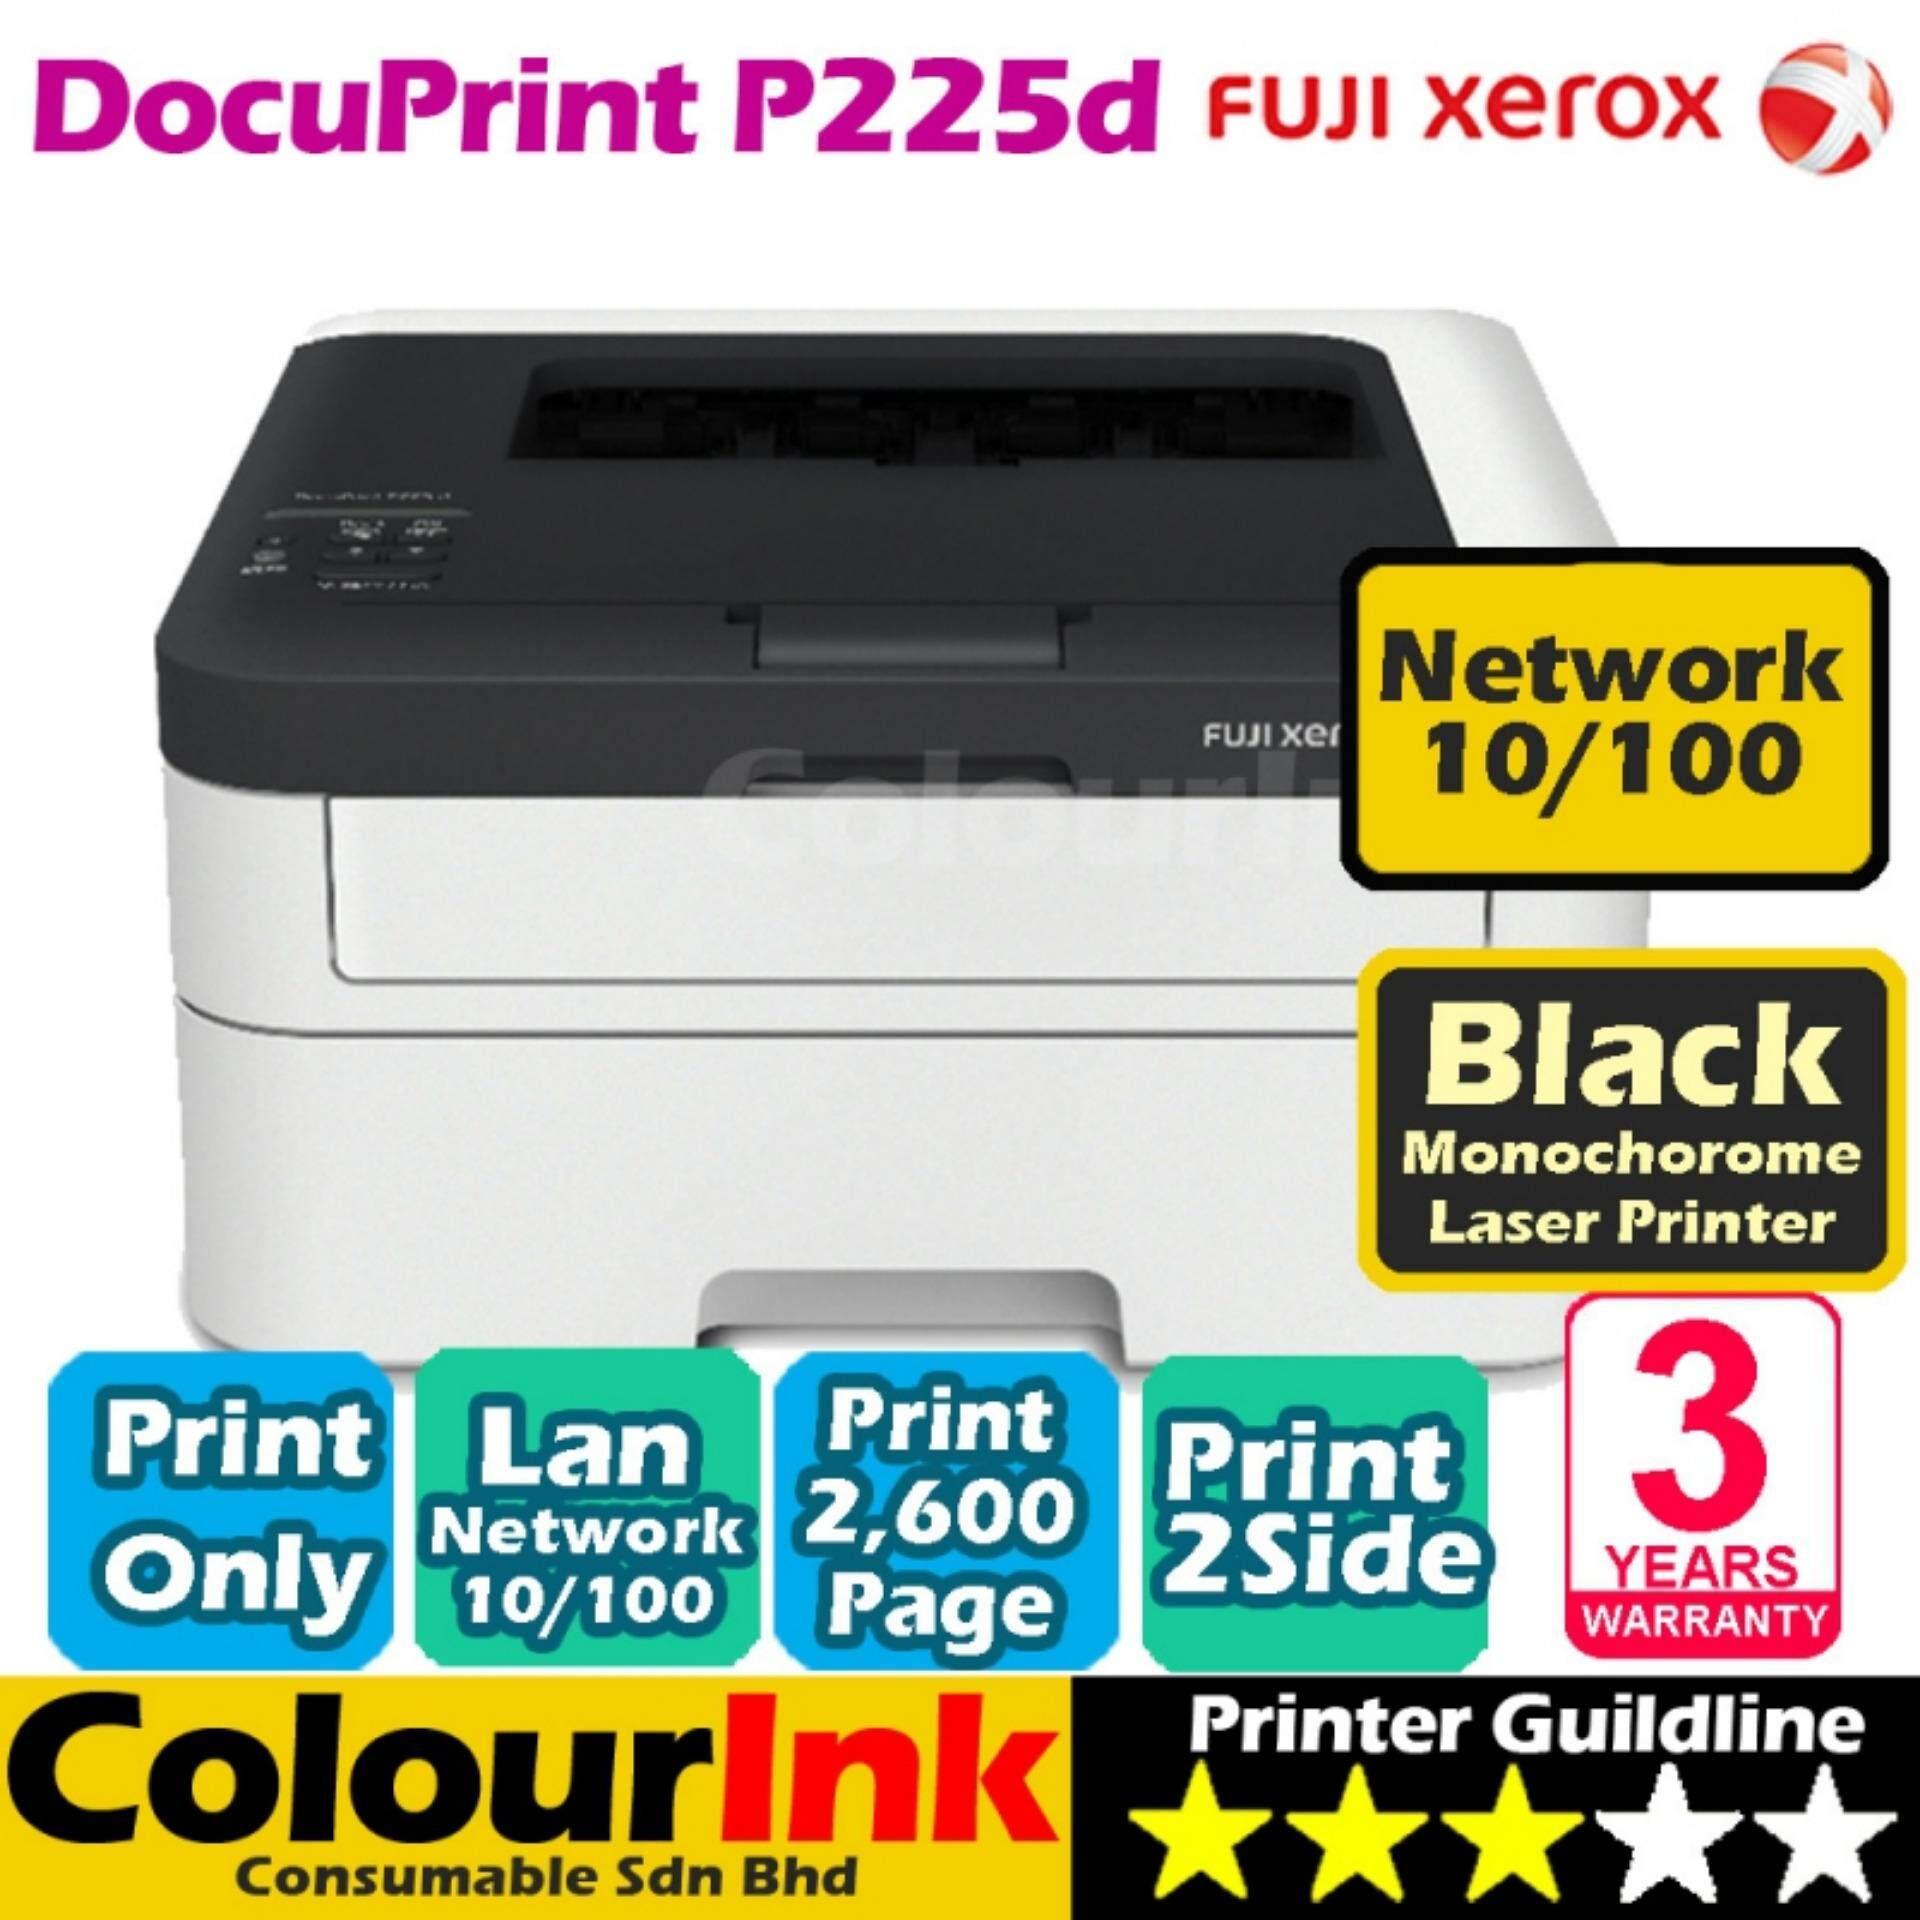 Fuji Xerox Ct202137 Toner For Printer Docuprint P115wpm115wm115z Fujixerox Dpm115z P225d Duplex Network Laser